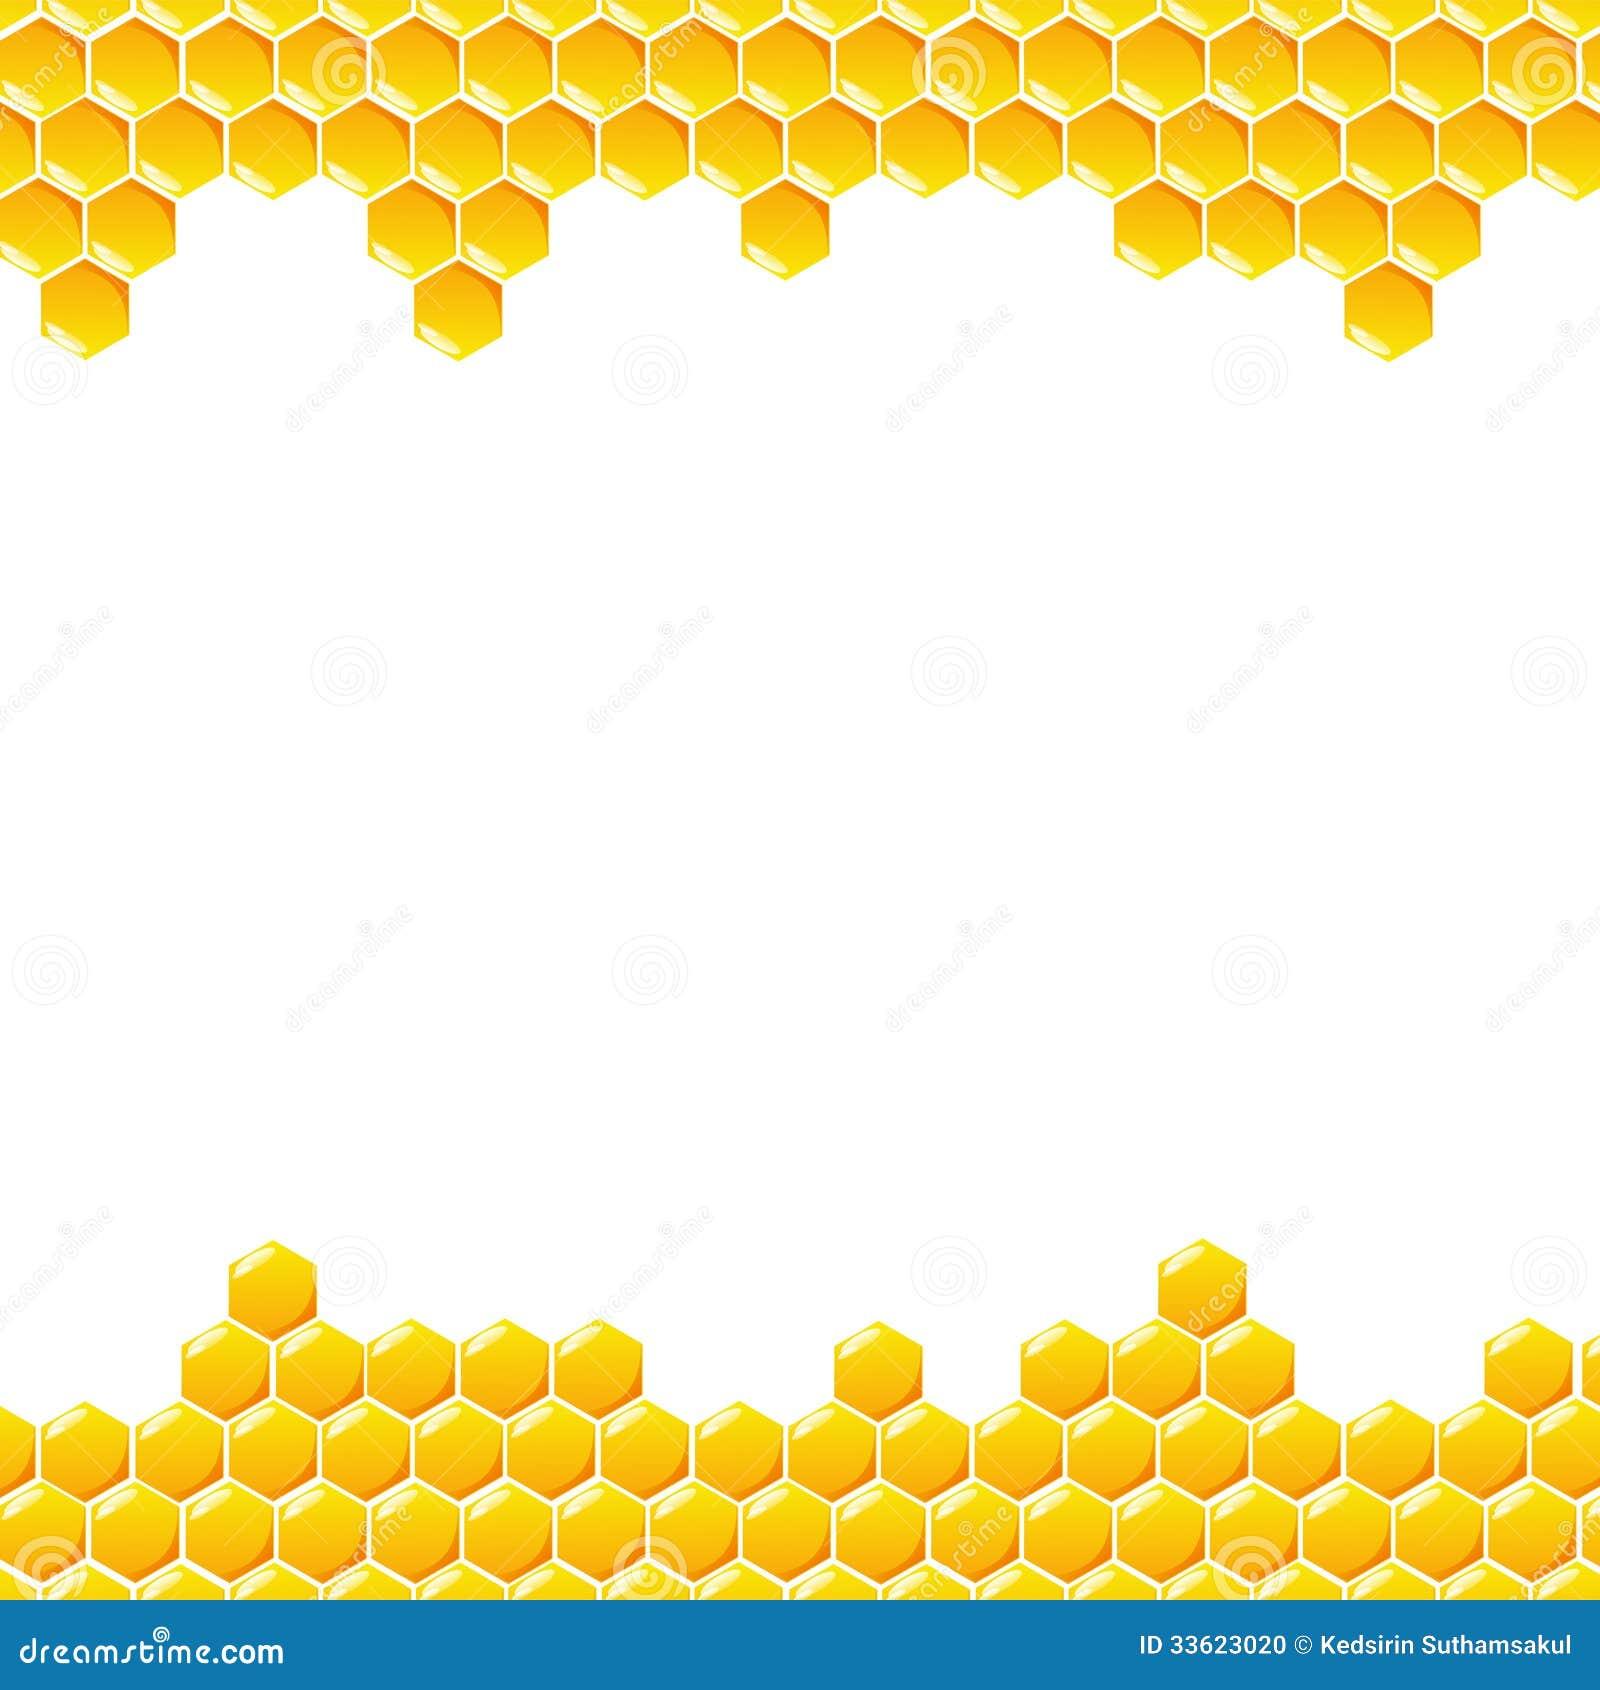 Honeycomb On White Background Stock Photo - Image: 33623020